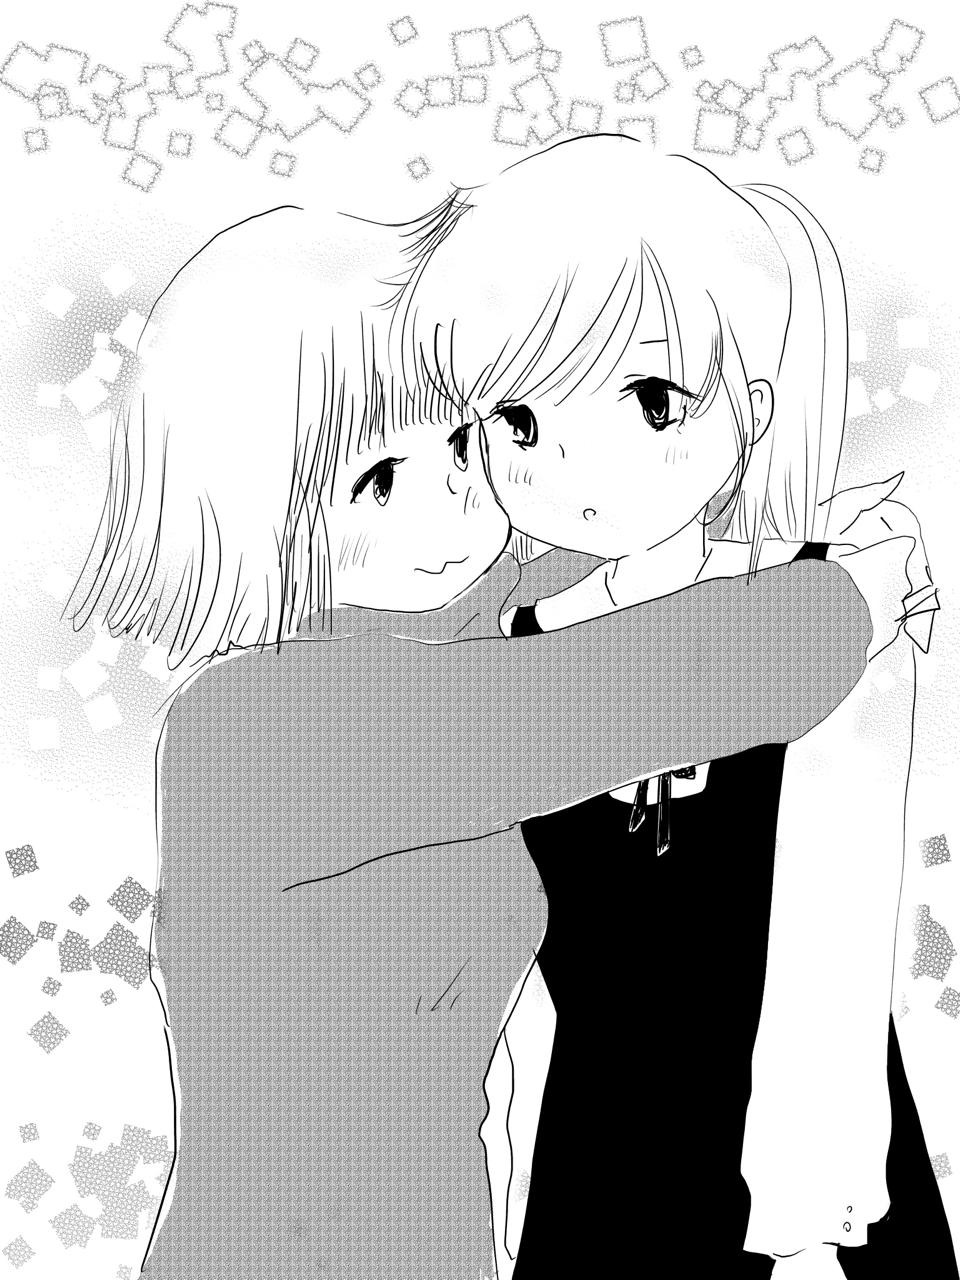 ハッピーバレンタインかねきょ漫画イラストnote